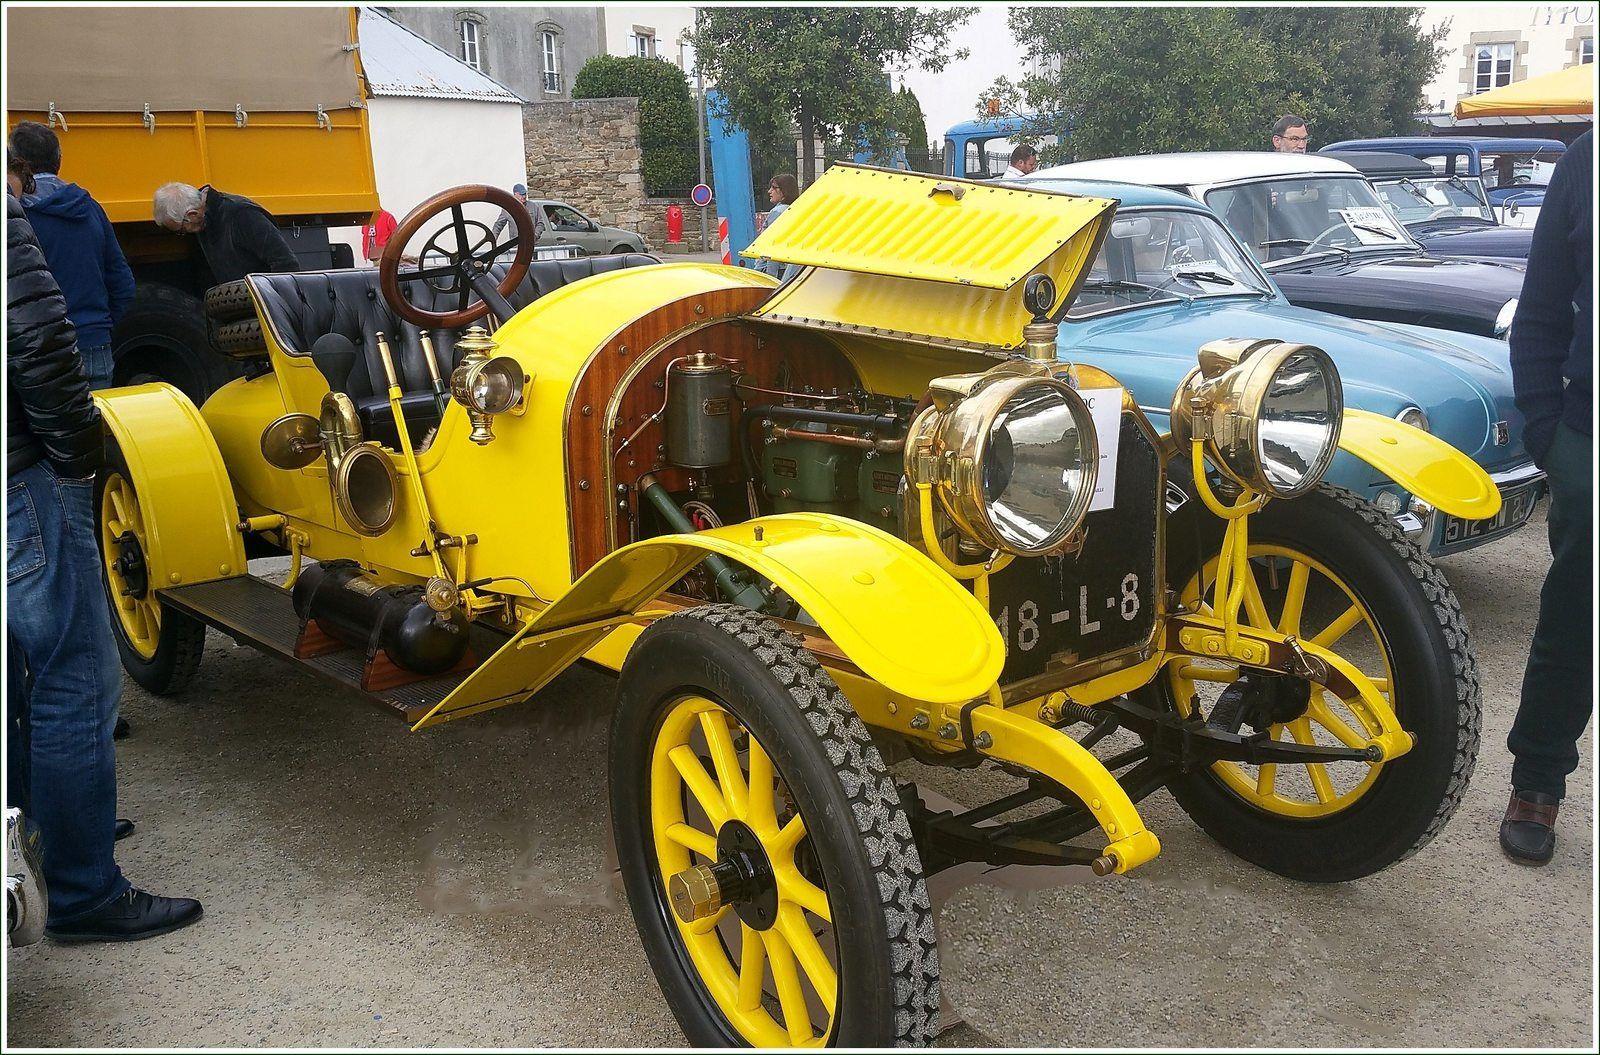 Voitures automobiles de collection, Photos en passant... art 109.exe